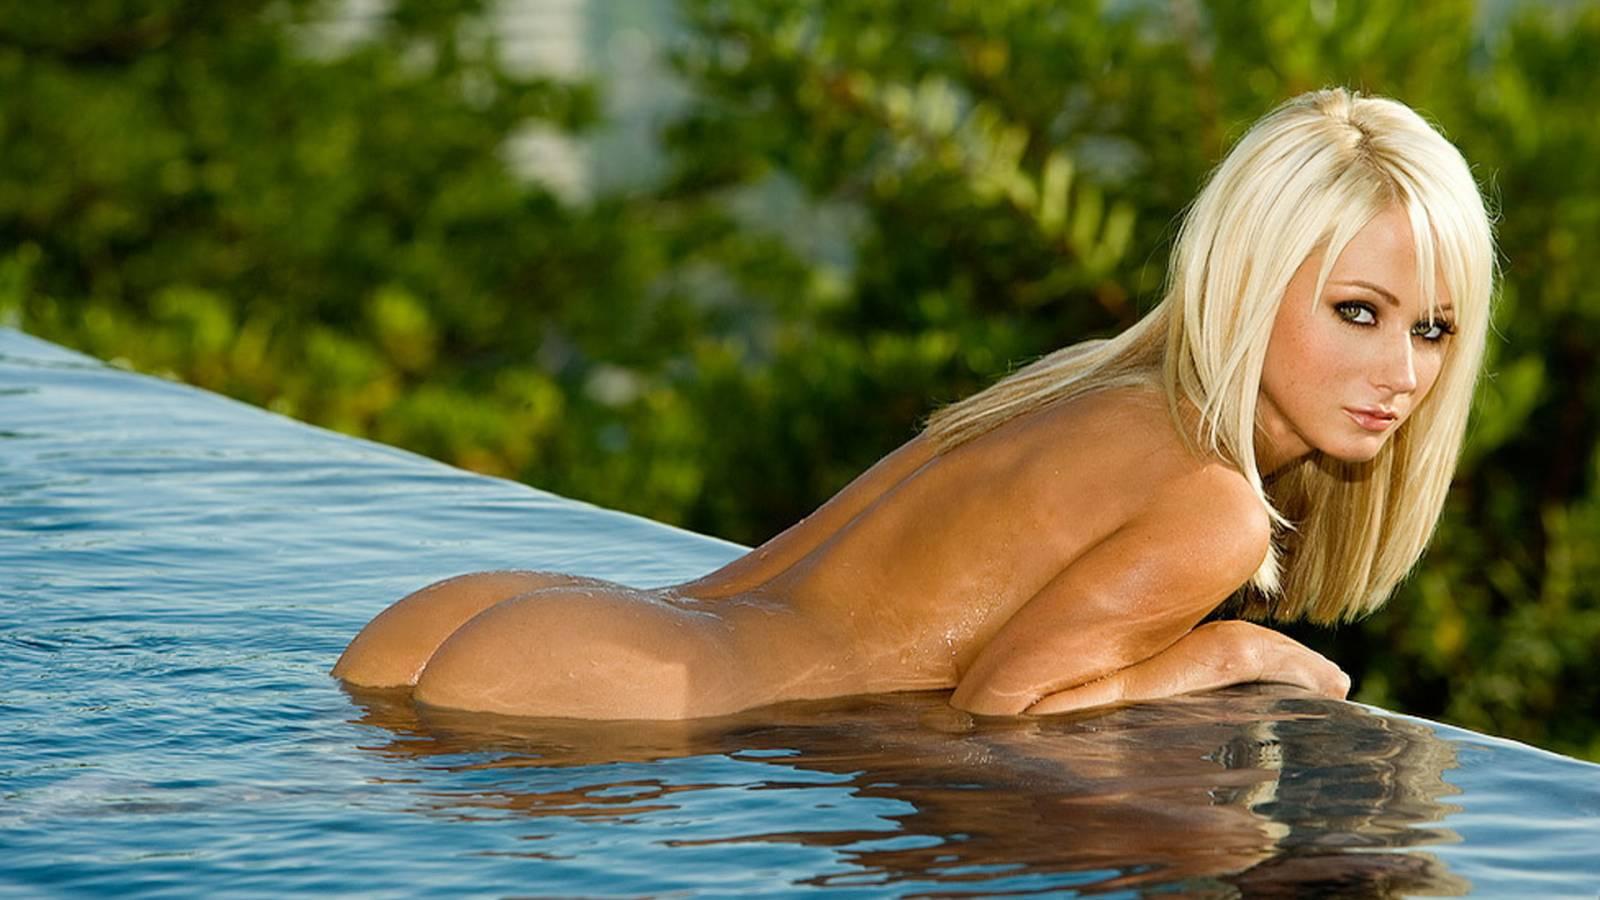 Смотреть бесплатно фото девушек голыша 20 фотография